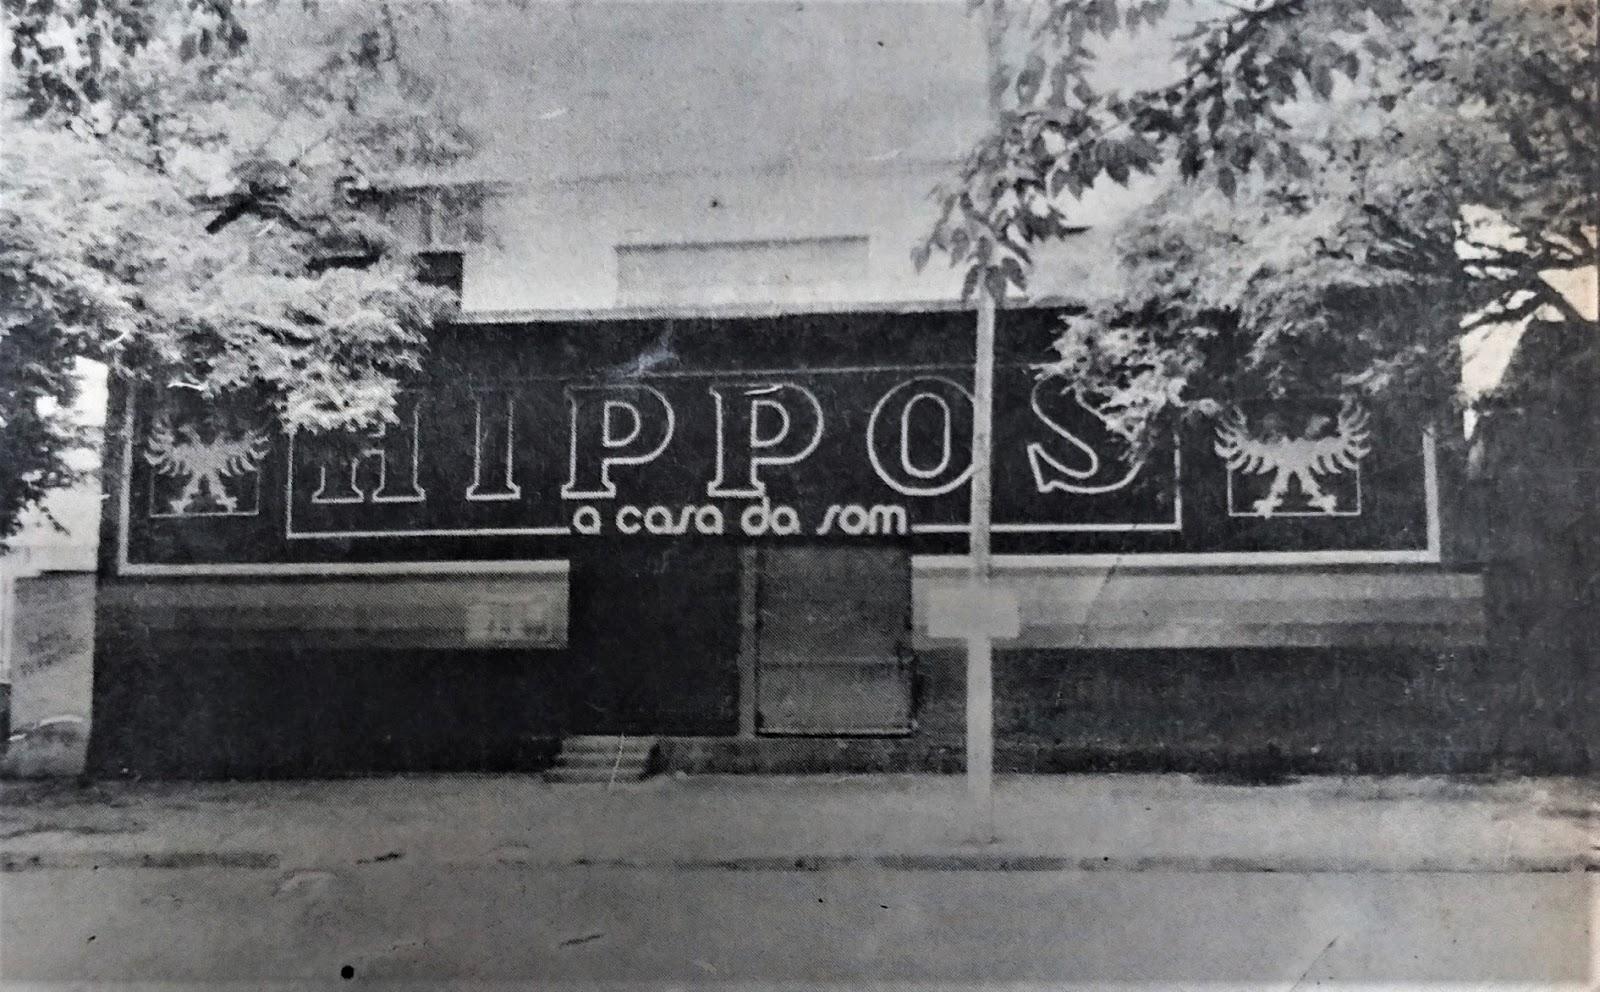 Atentado na boate Hippos - Janeiro de 1989